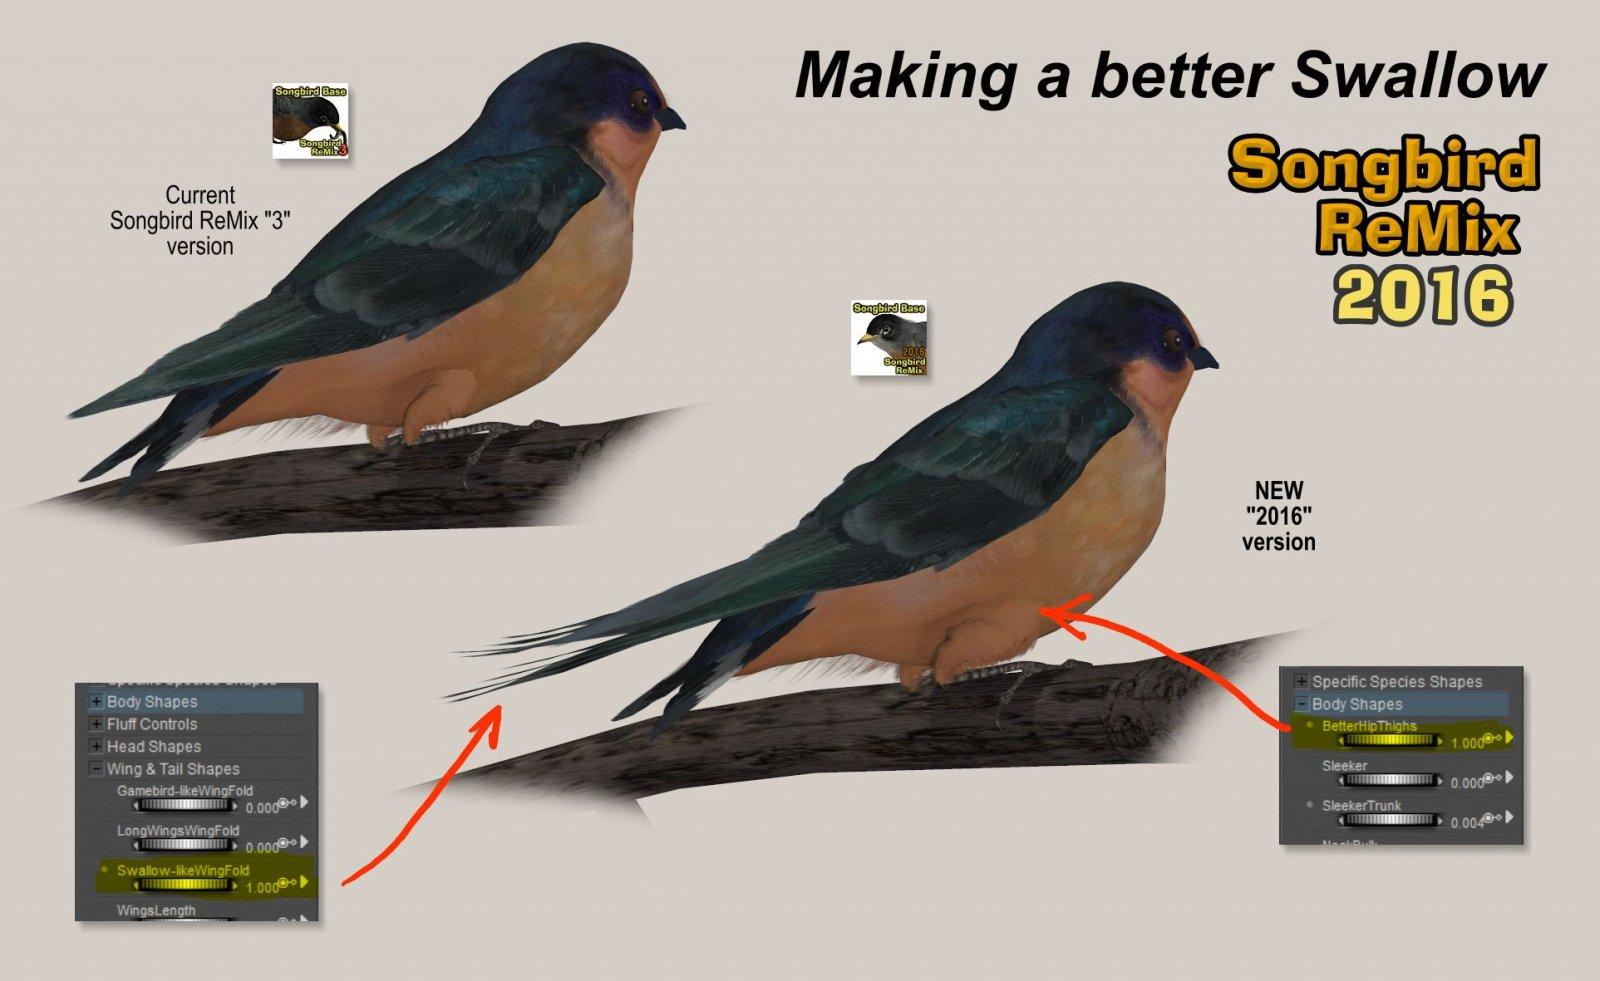 BetterSwallowPromo.jpg